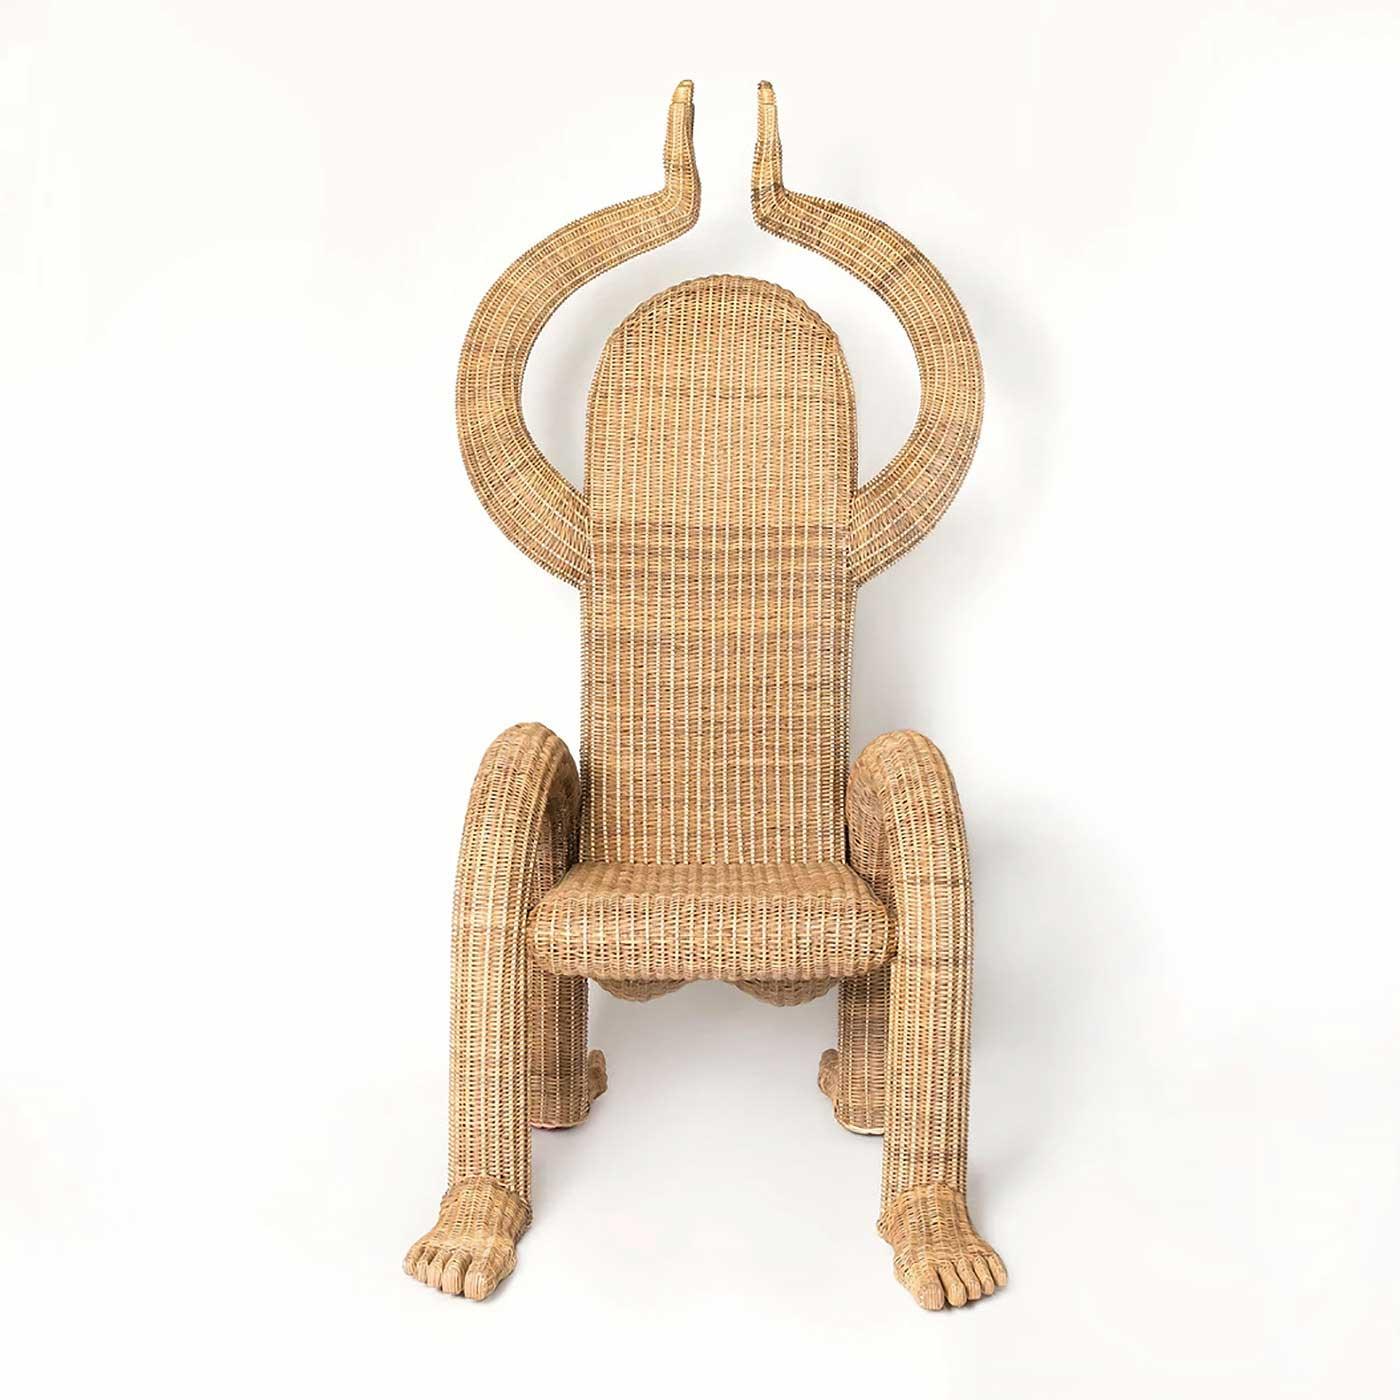 Stühle mit Armen und Beinen stuhldesigns-von-Chris-Wolston_06